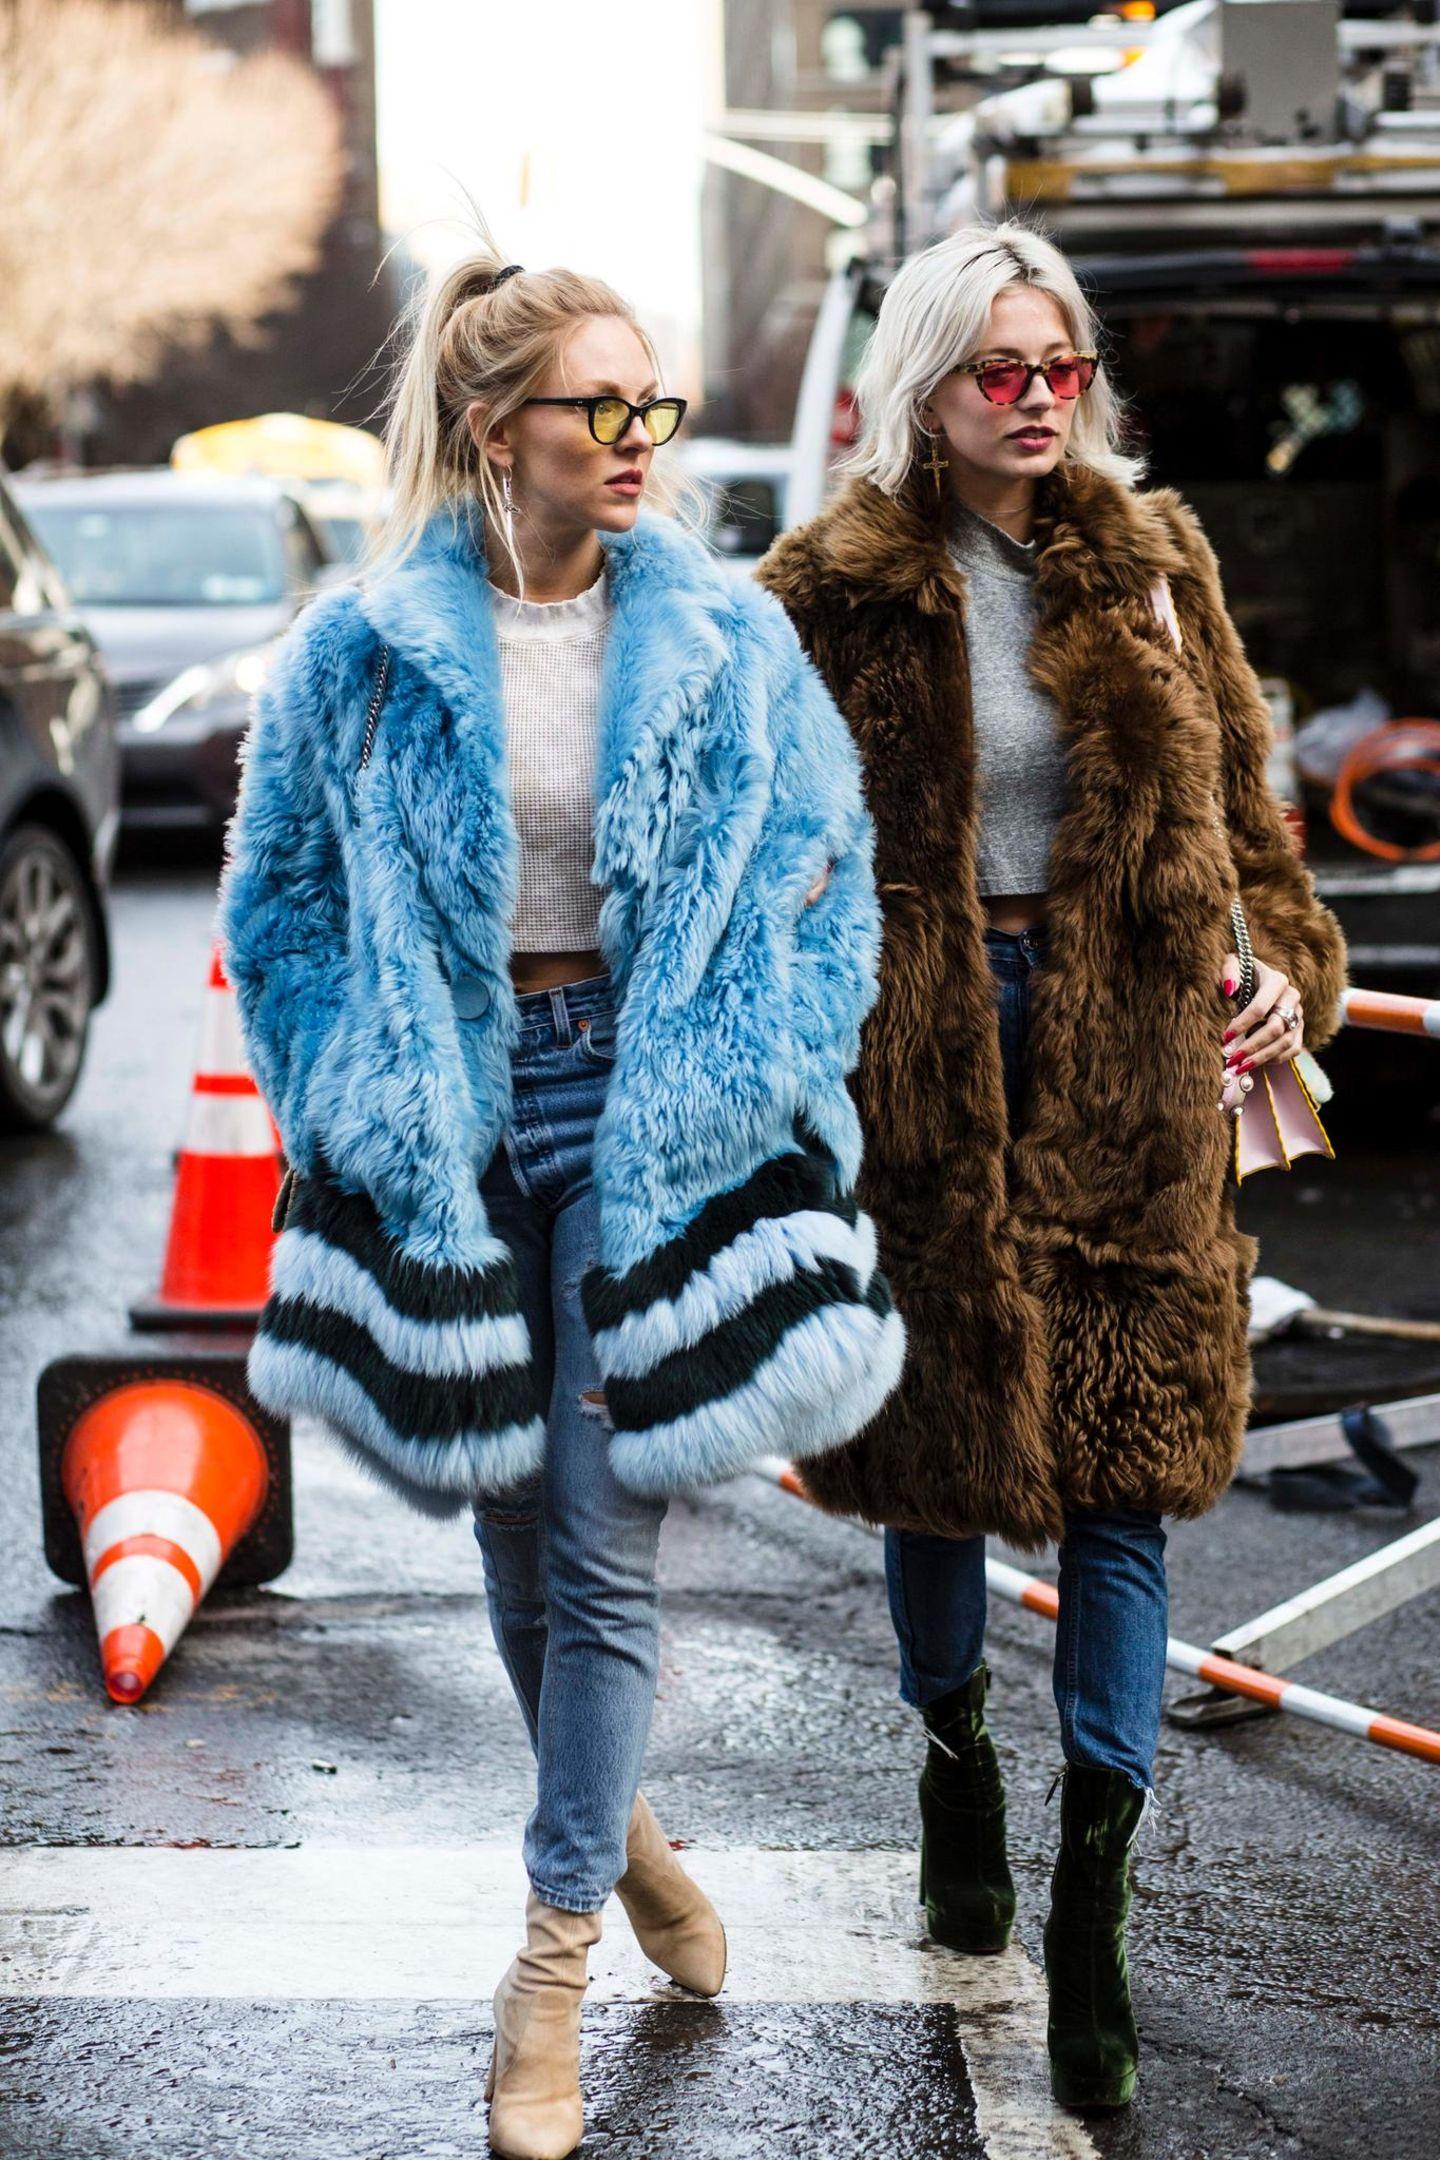 Bloggerinnen mit bunten Sonnenbrillengläsern